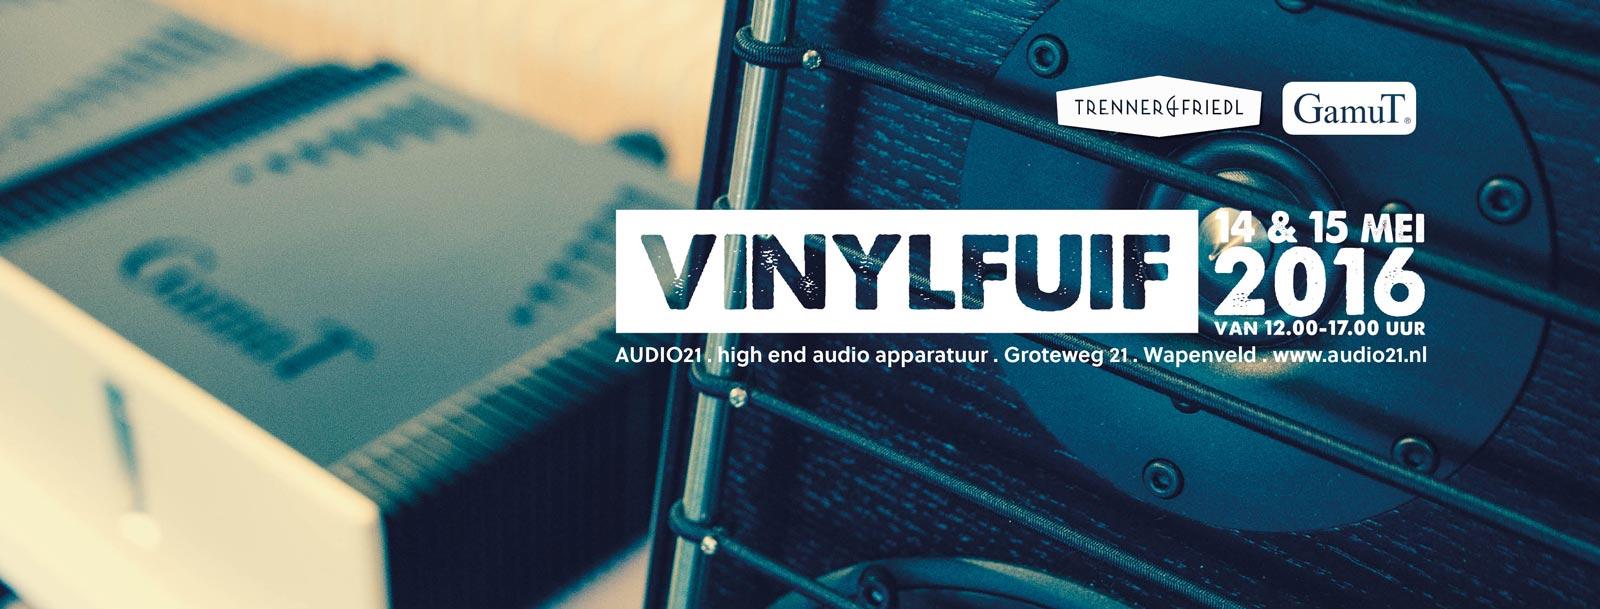 Audio21-vinylfuifbanner1600